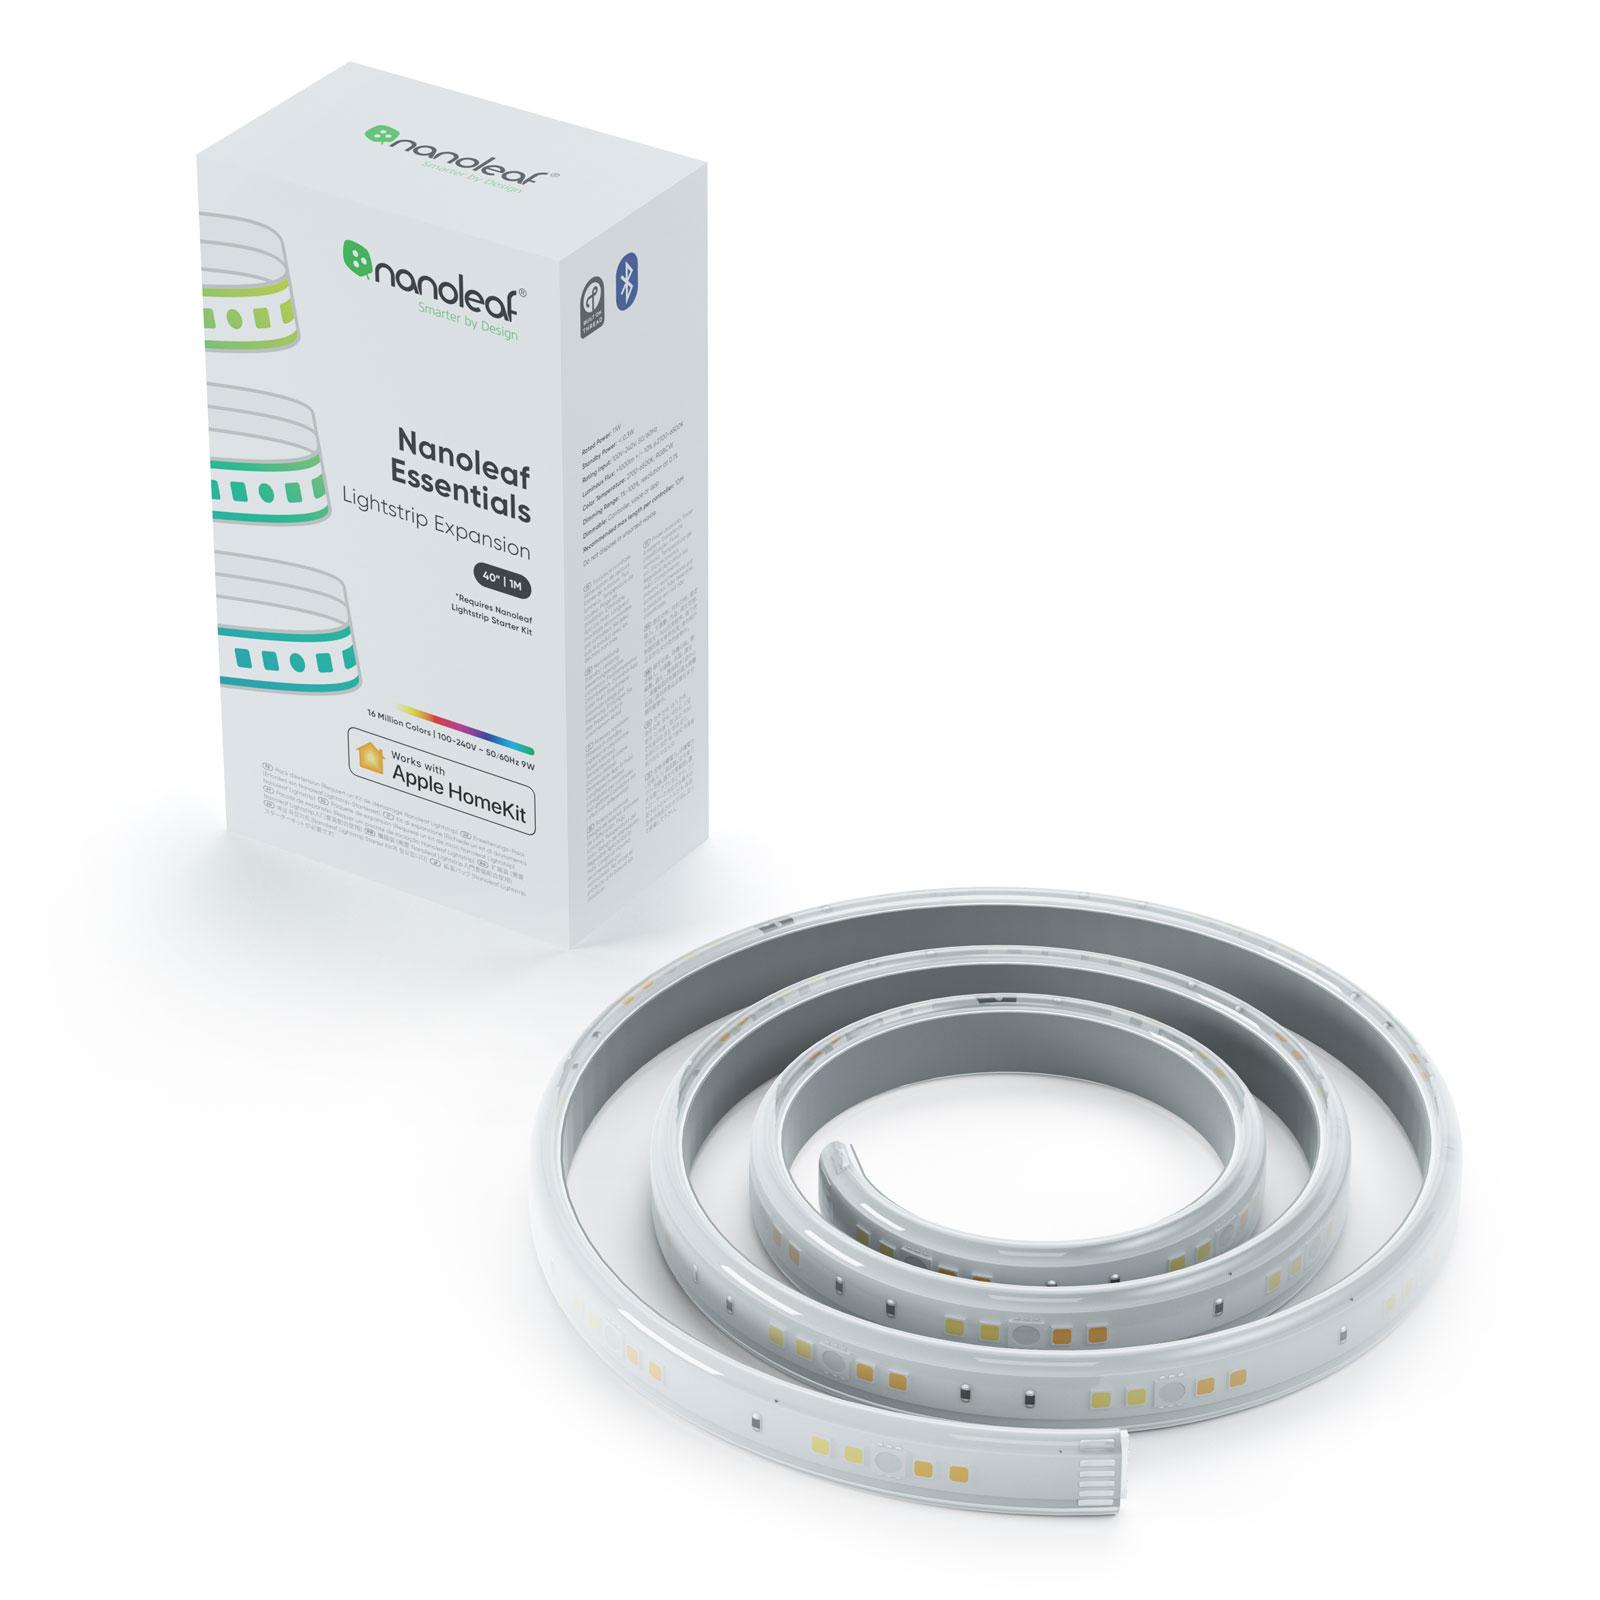 Nanoleaf Essentials LED Light Strip Erweiterung 1m